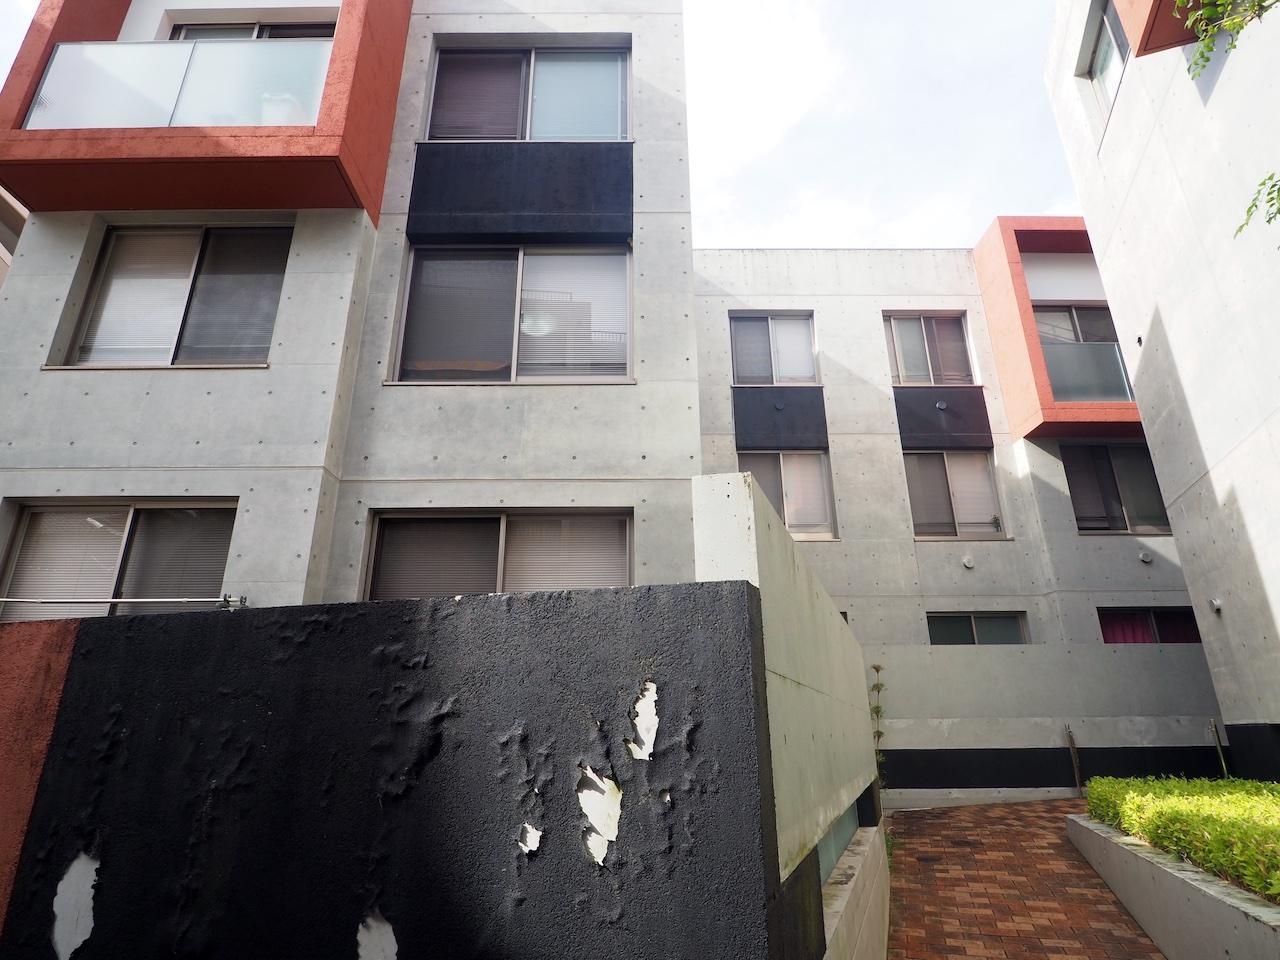 赤黒グレー、コンクリートの芸術。